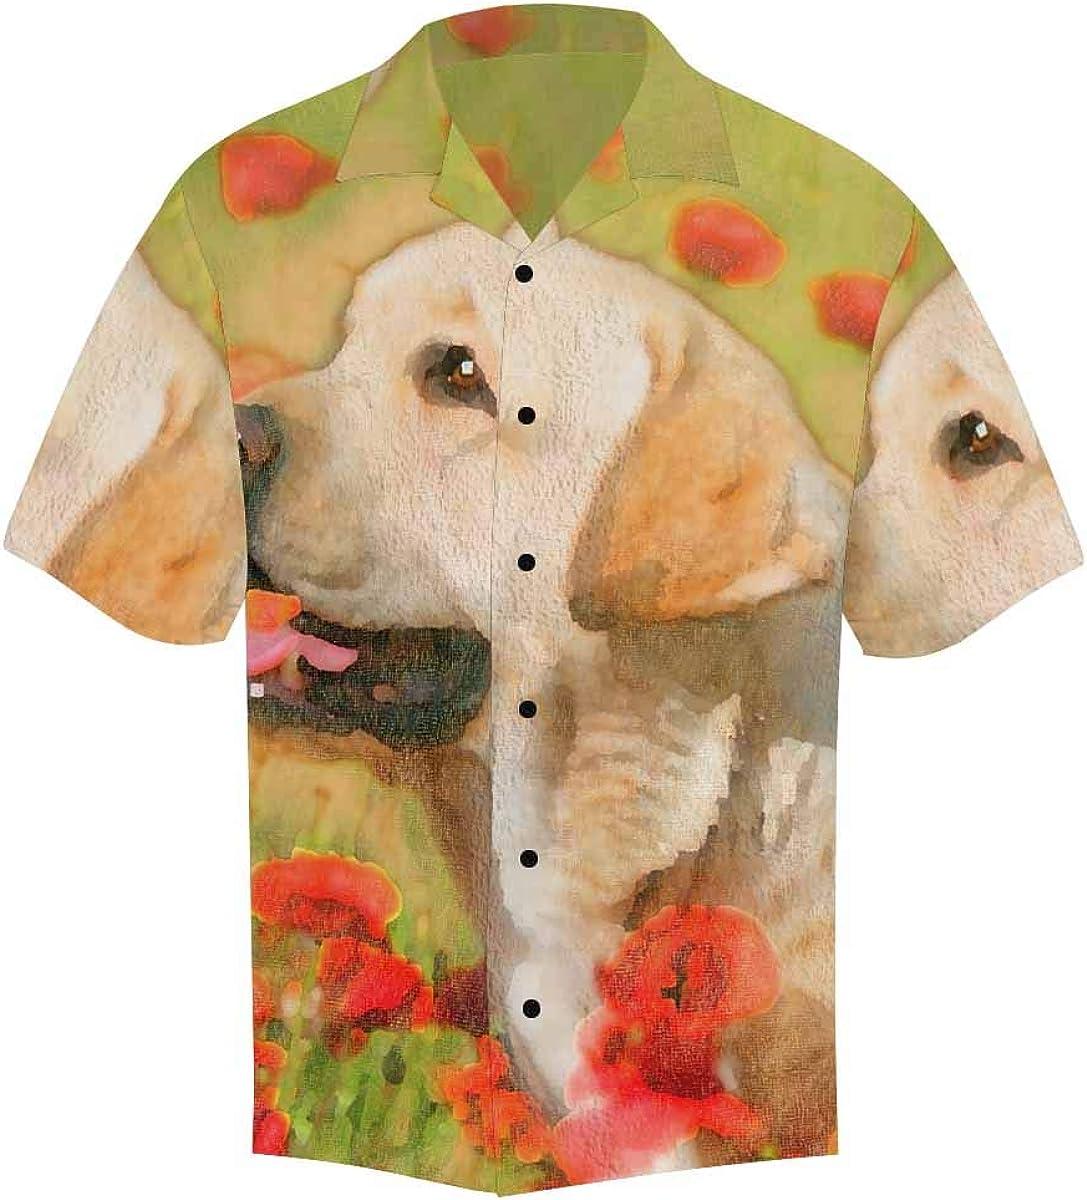 InterestPrint Men's Casual Button Down Short Sleeve Hawaiian Shirt Dog Red Poppy (S-5XL)